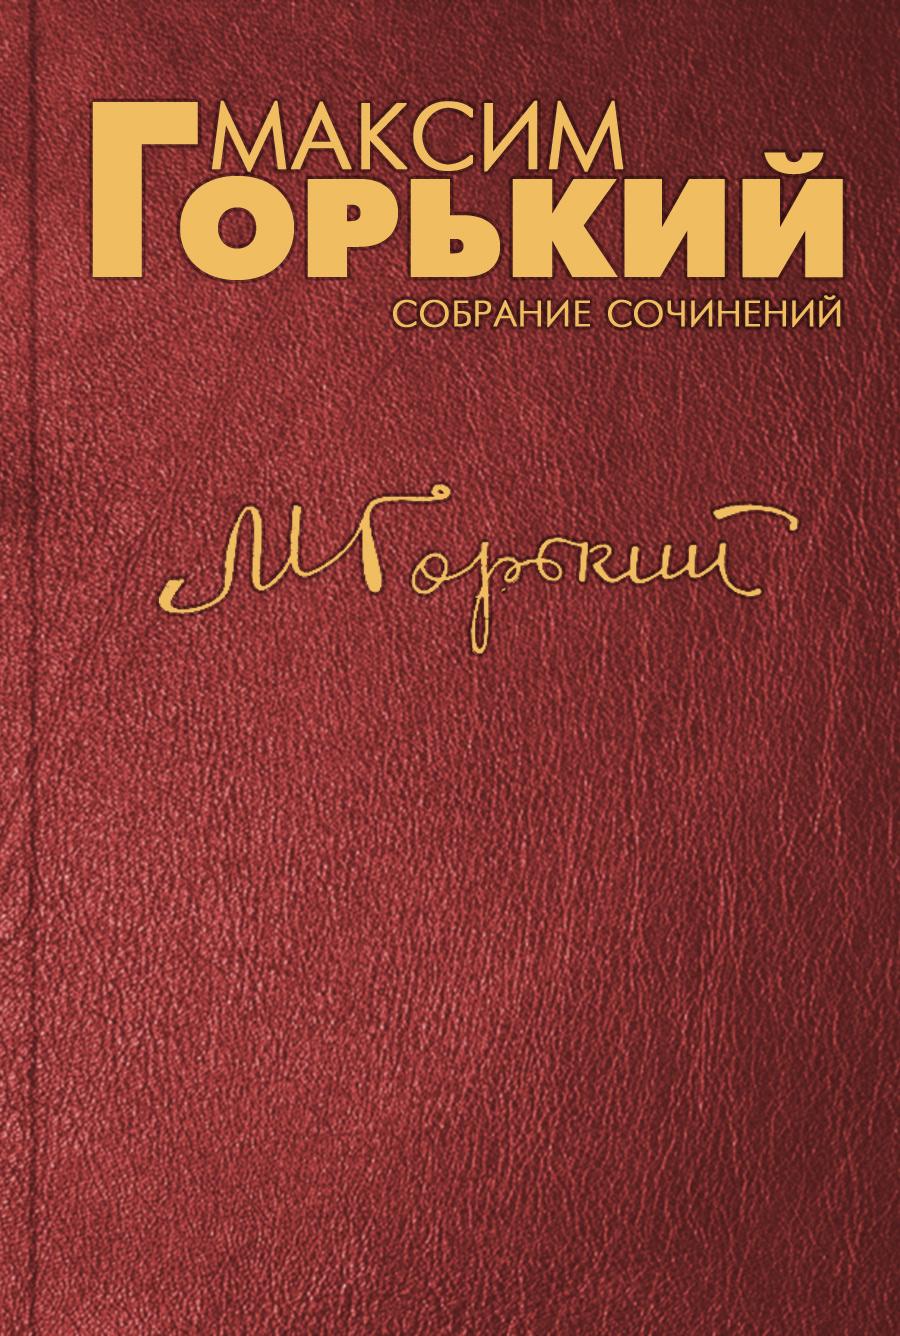 цены на Максим Горький По поводу  в интернет-магазинах